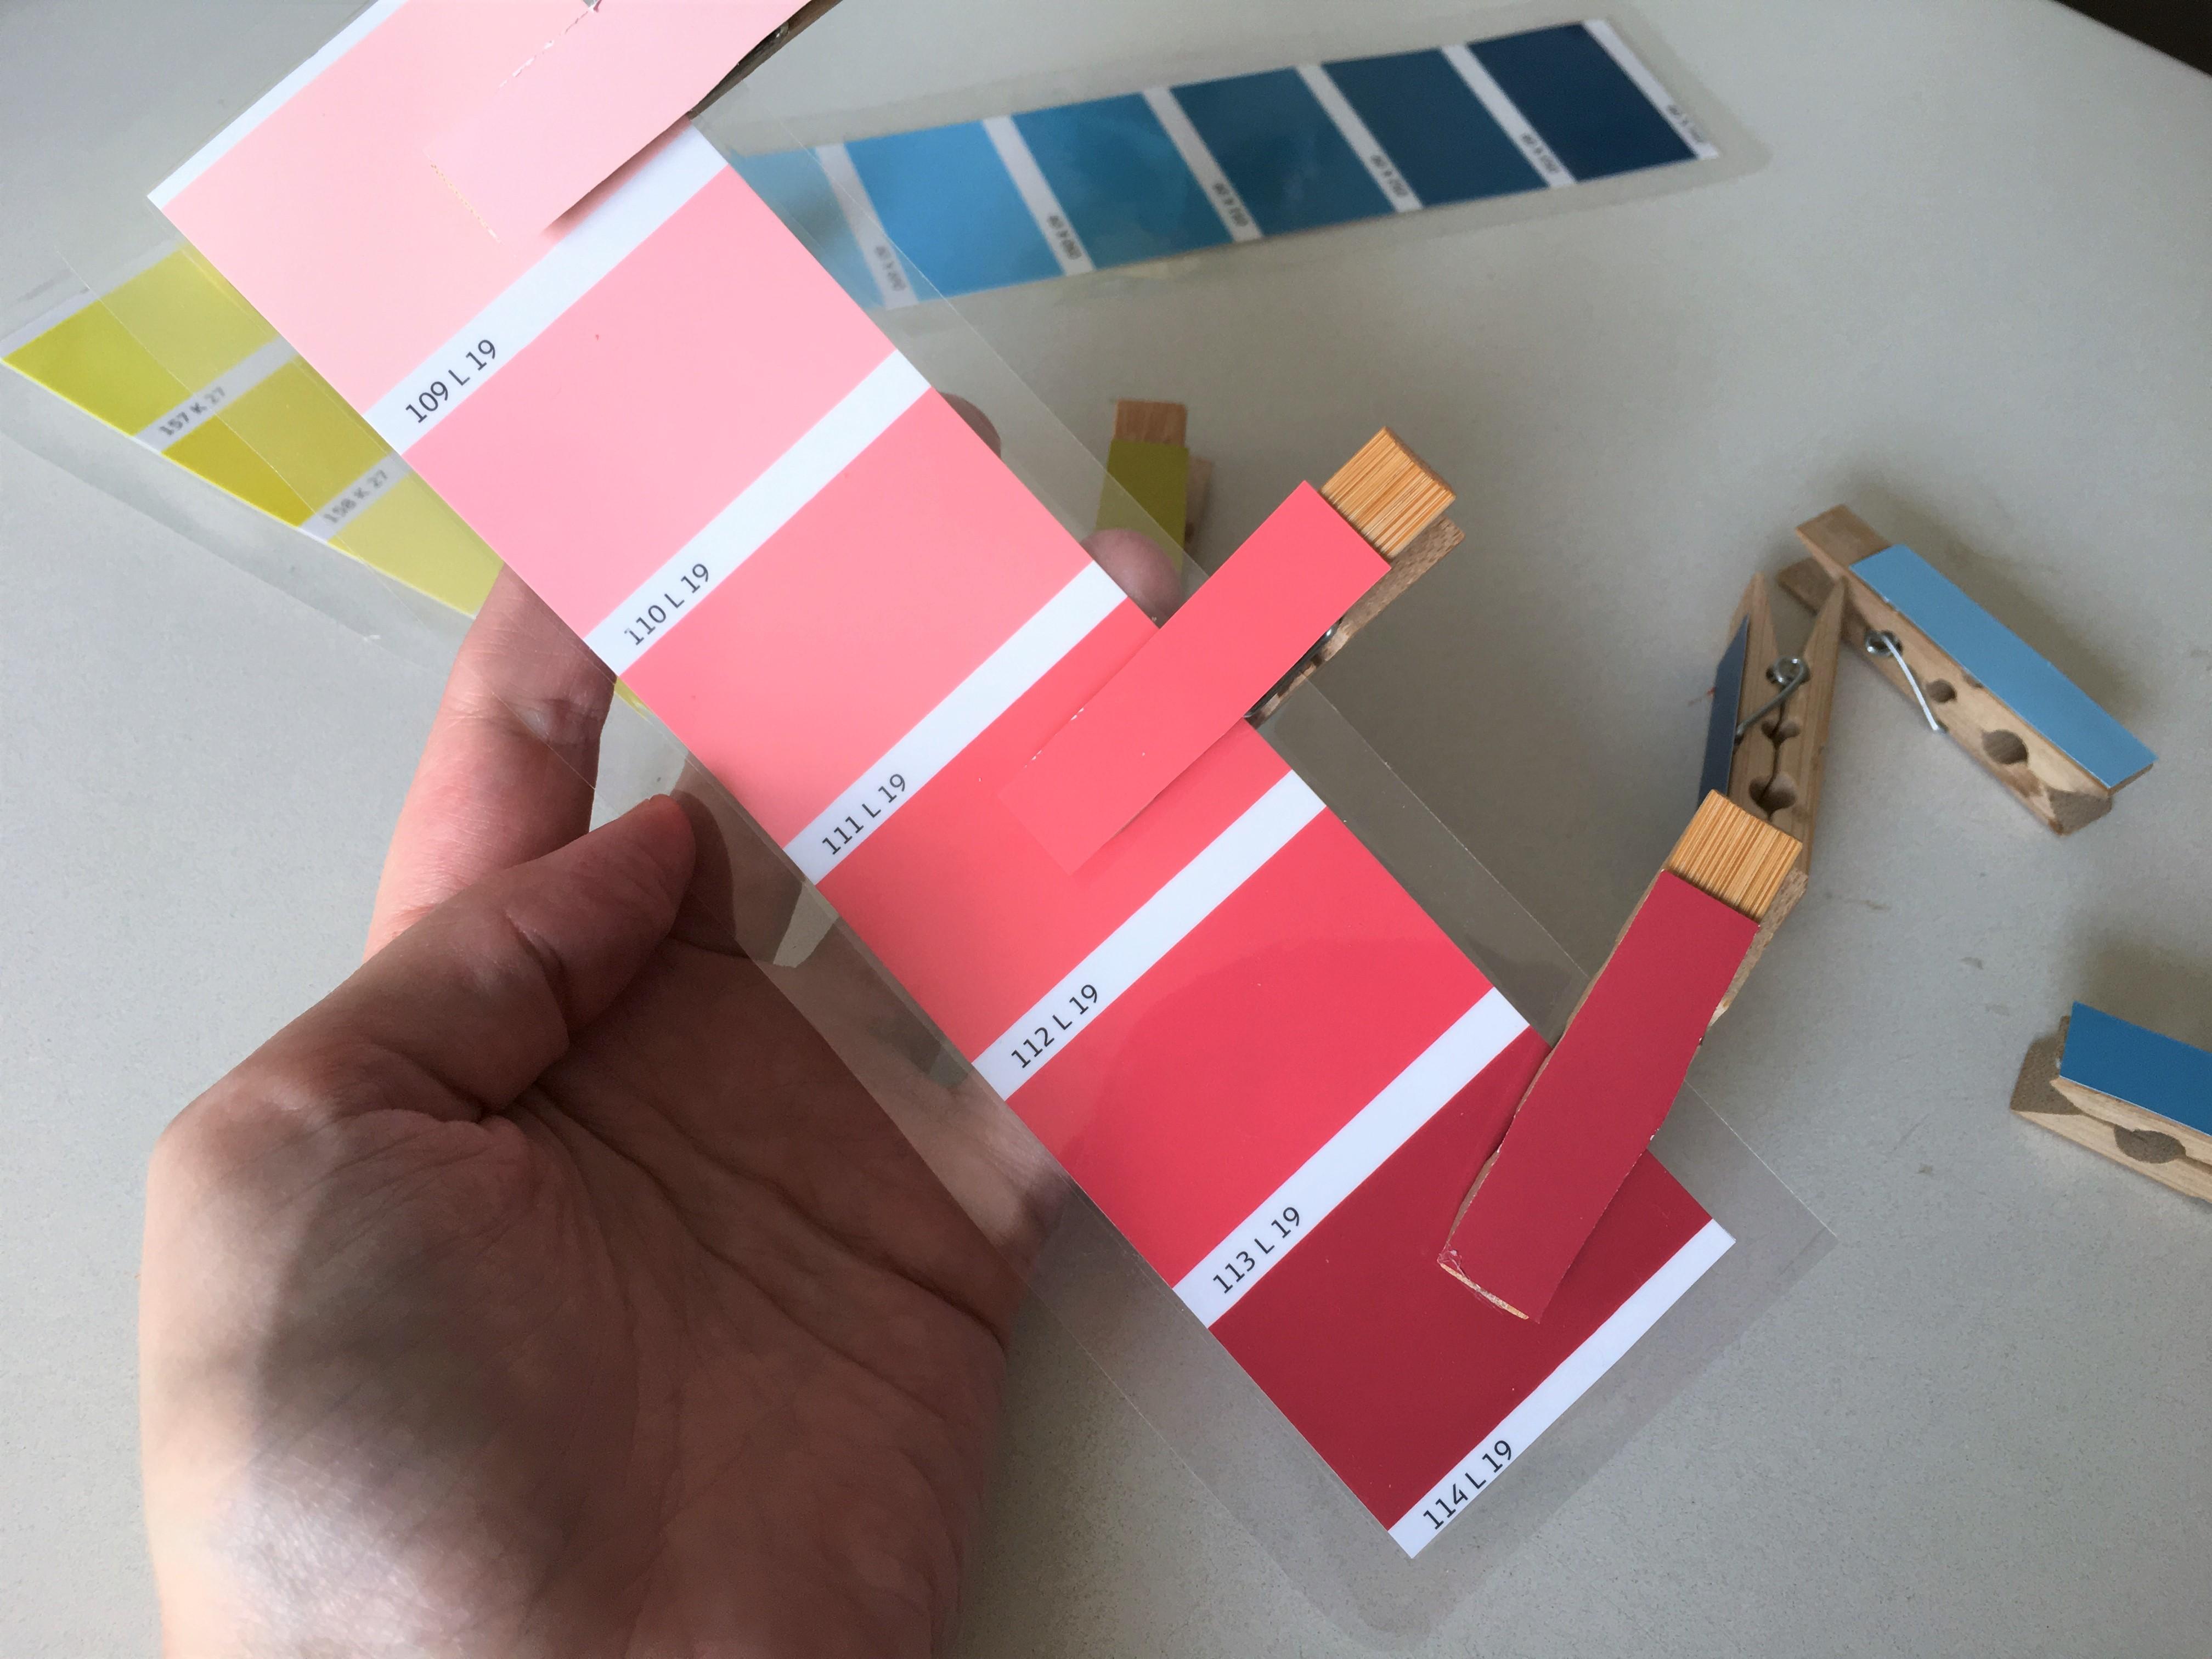 Beliebt Farben sortieren mit Wäscheklammern - Montessori | Der XY41